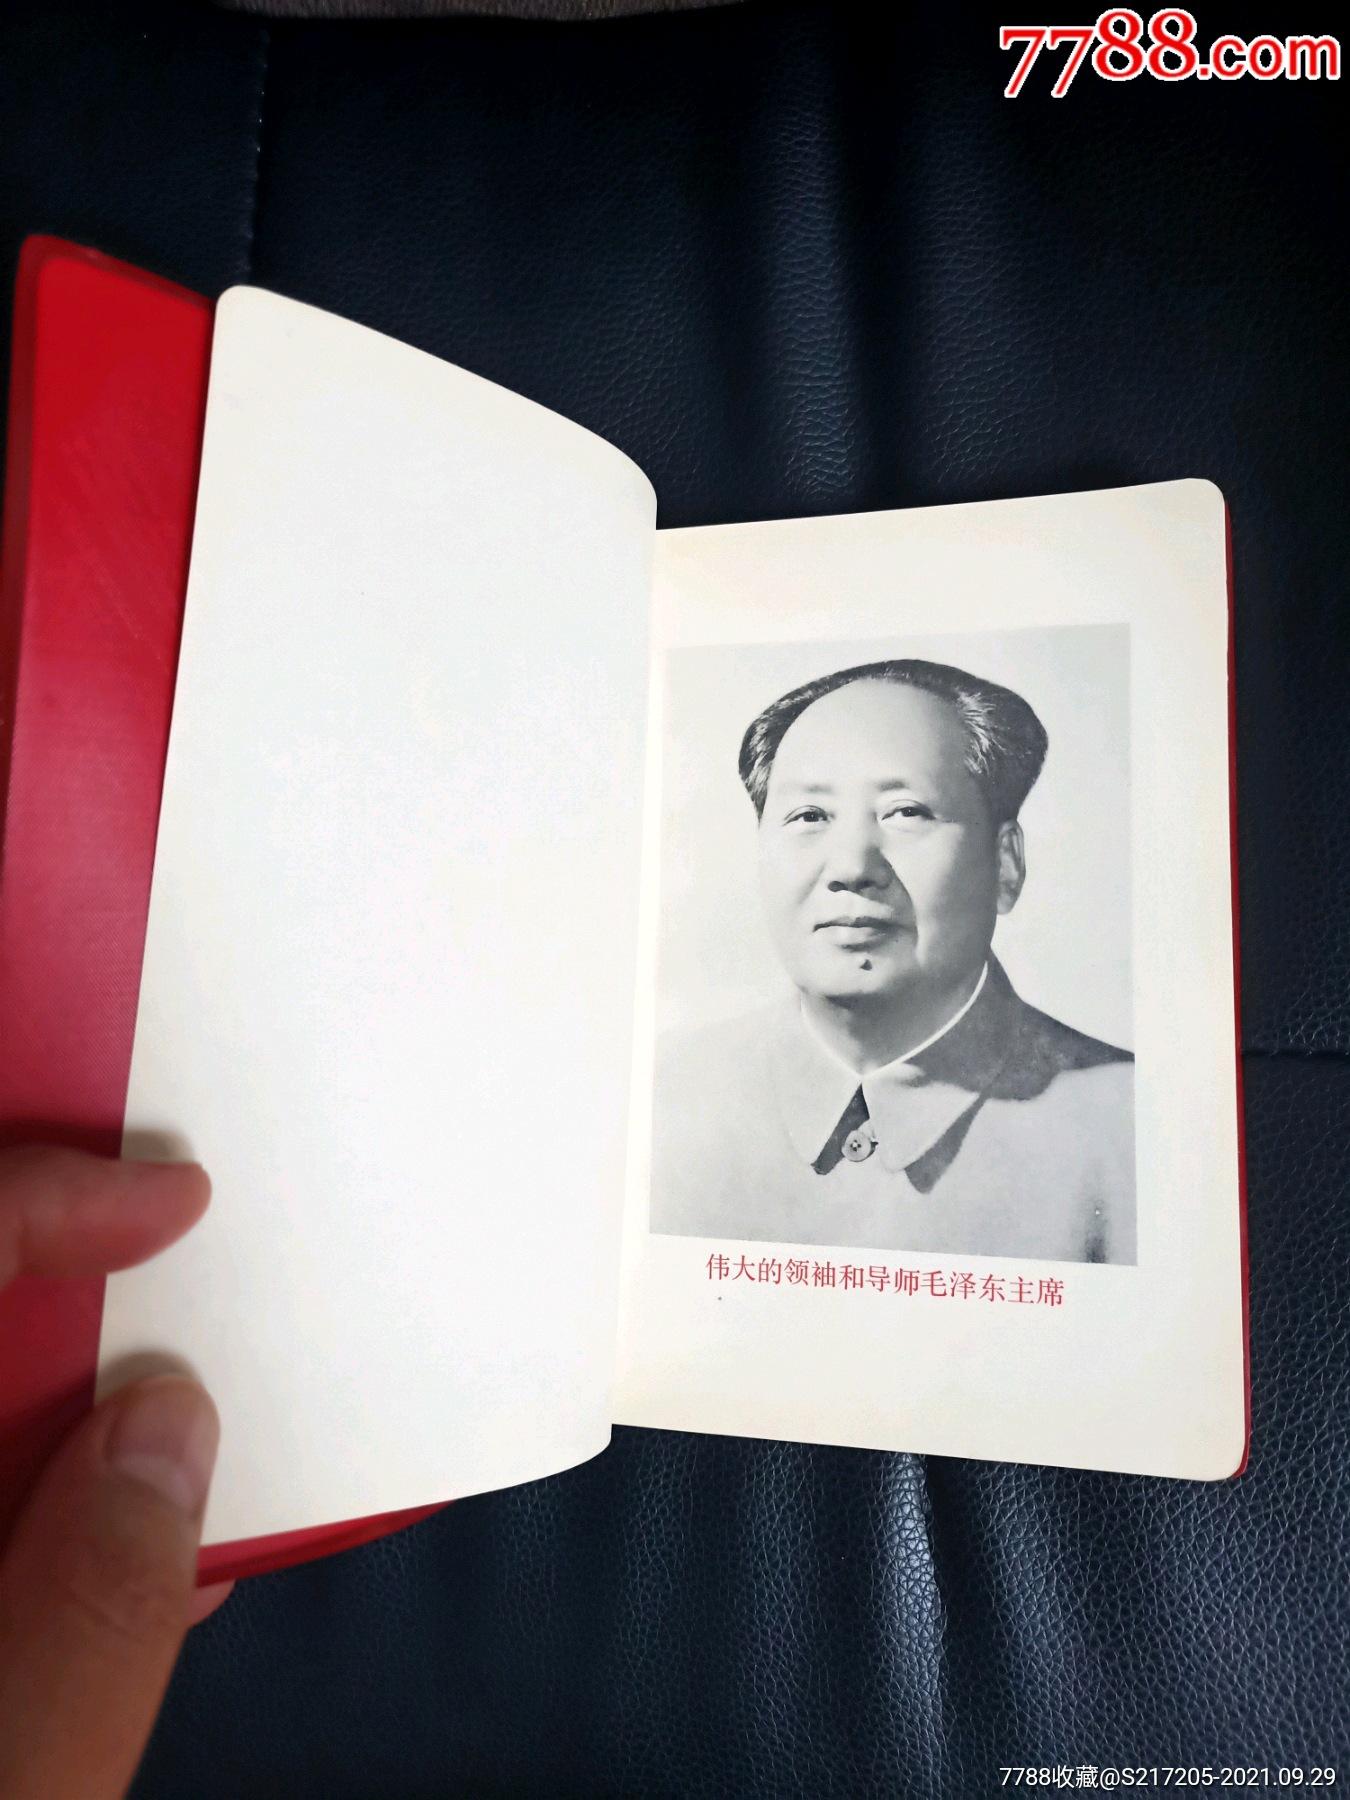 美品未用北京市*安局治保会和治保积极分子笔记本_价格50元_第6张_